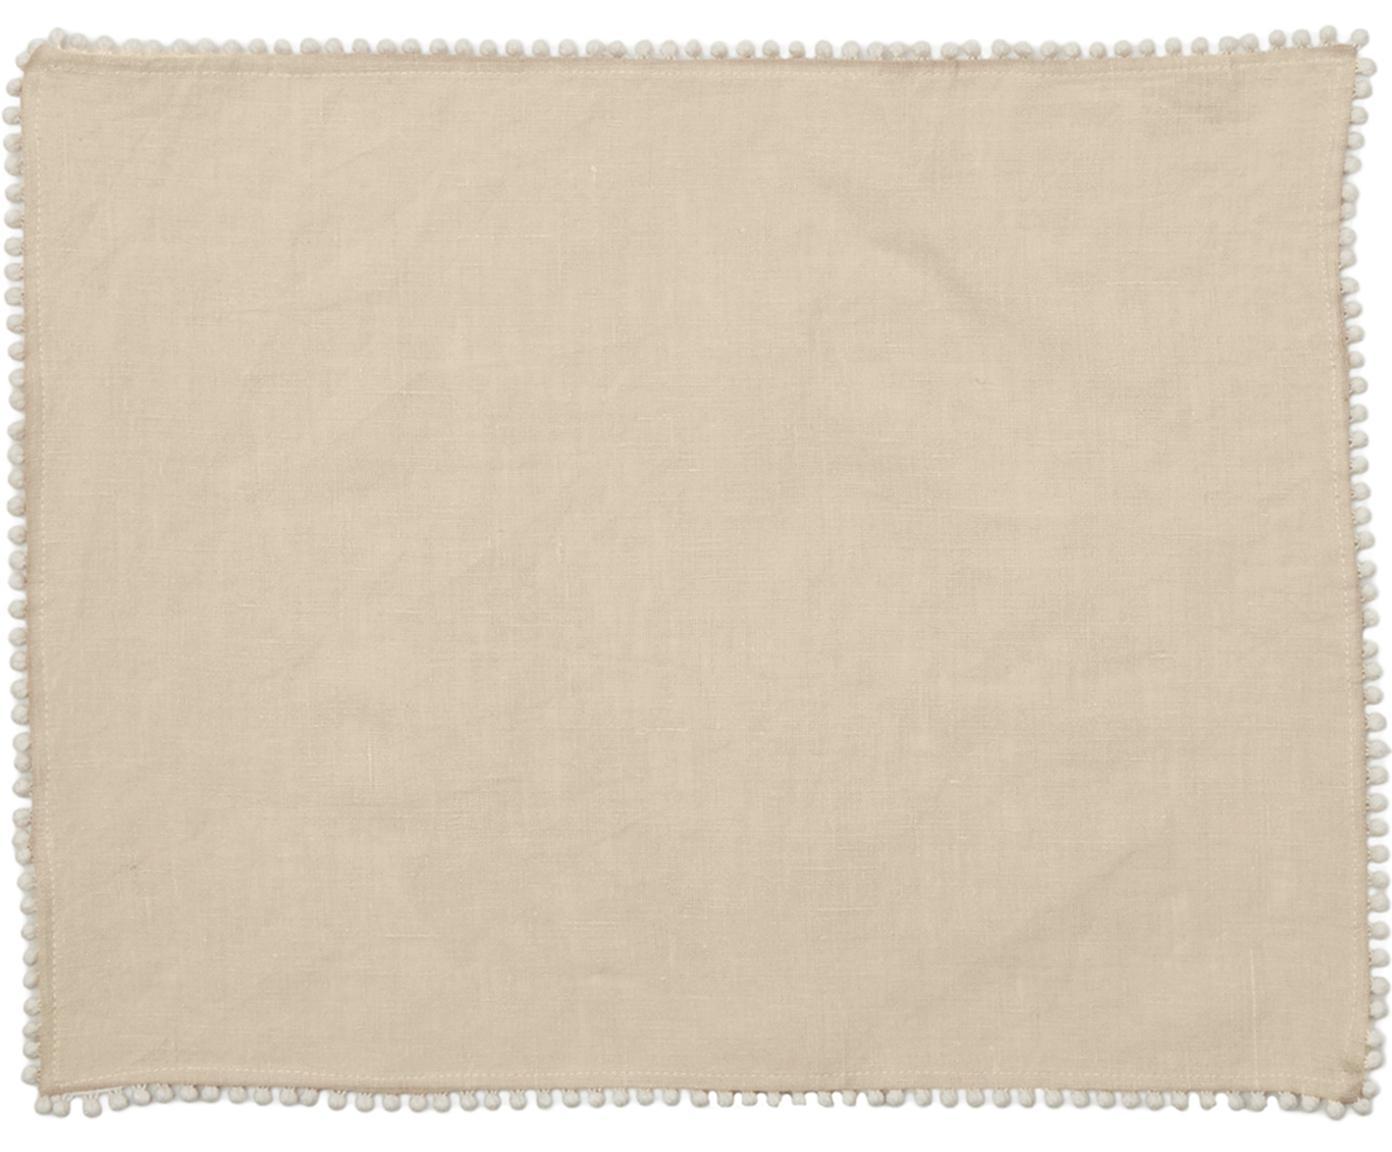 Podkładka z lnu Pom Pom, 2 szt., Len, Beżowy, S 35 x D 45 cm